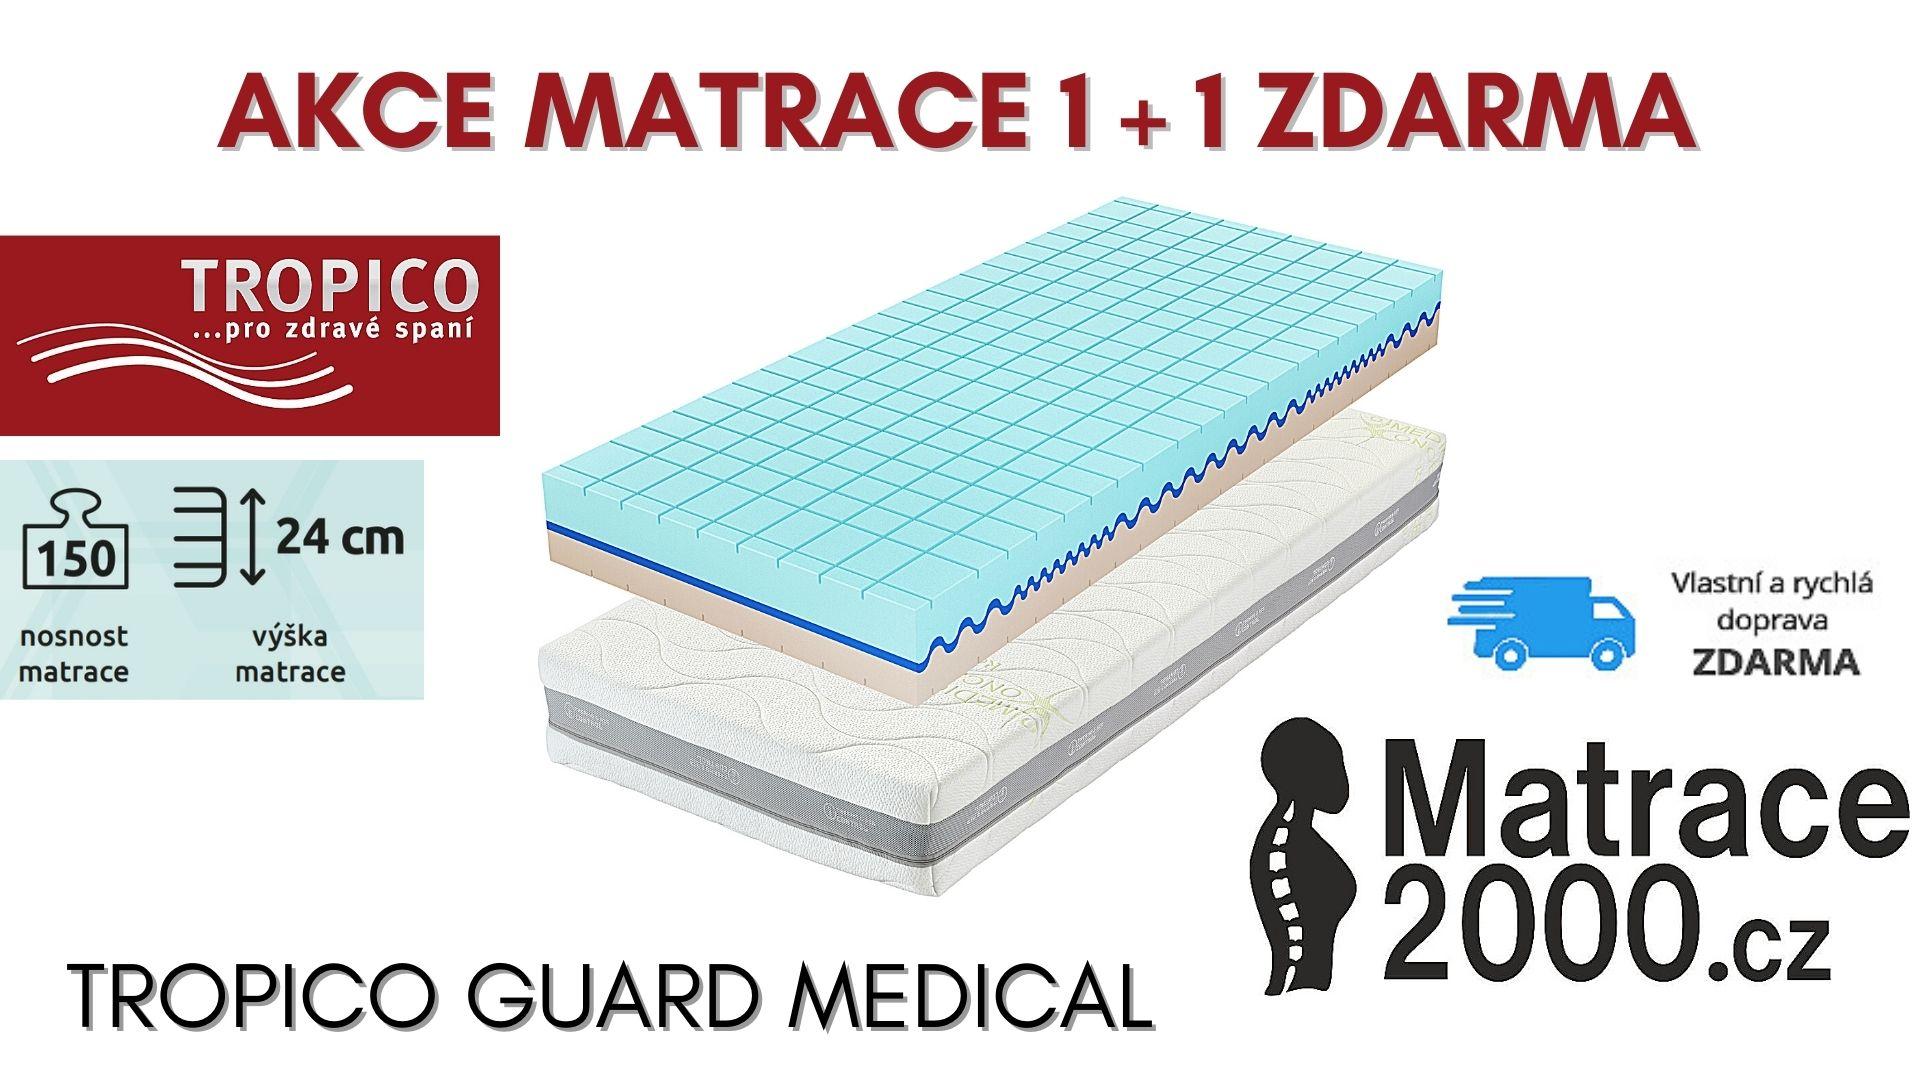 Matrace Tropico Guard Medical výška 24 cm s matracovým chráničem - Matrace2000.cz